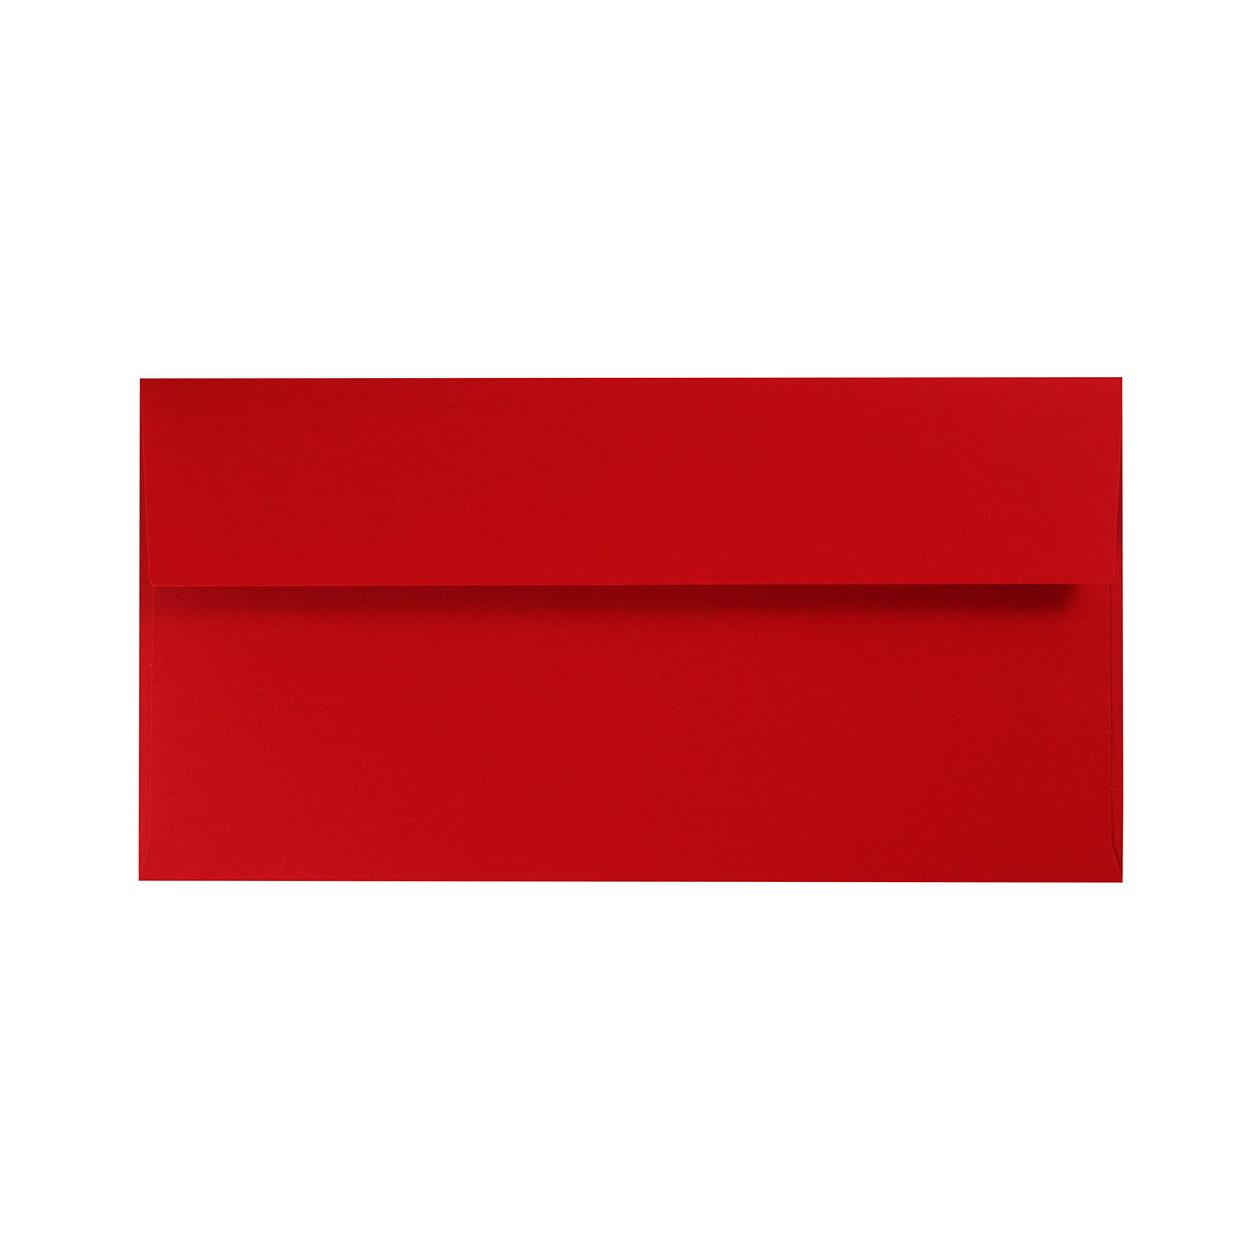 長3カマス封筒 コットン(NTラシャ) 濃赤(こいあか) 116.3g